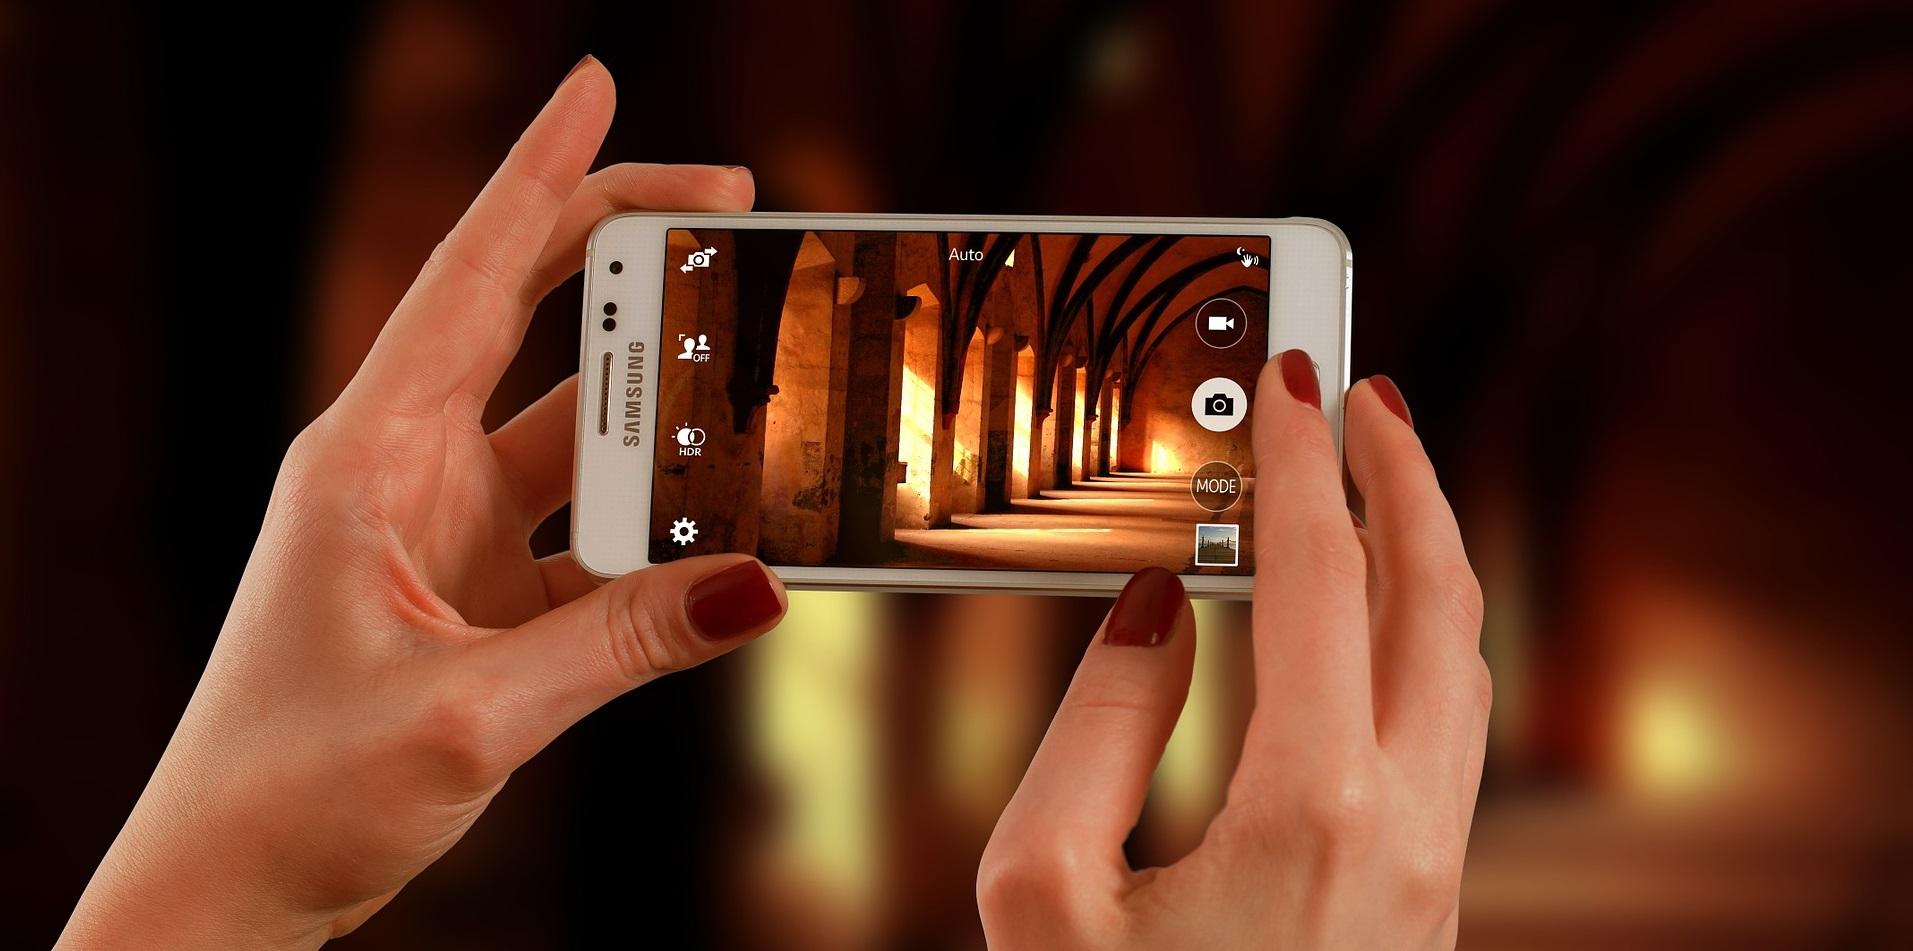 turismo-inteligente-tecnologia Smartmóvil: un turismo inteligente y en movimiento